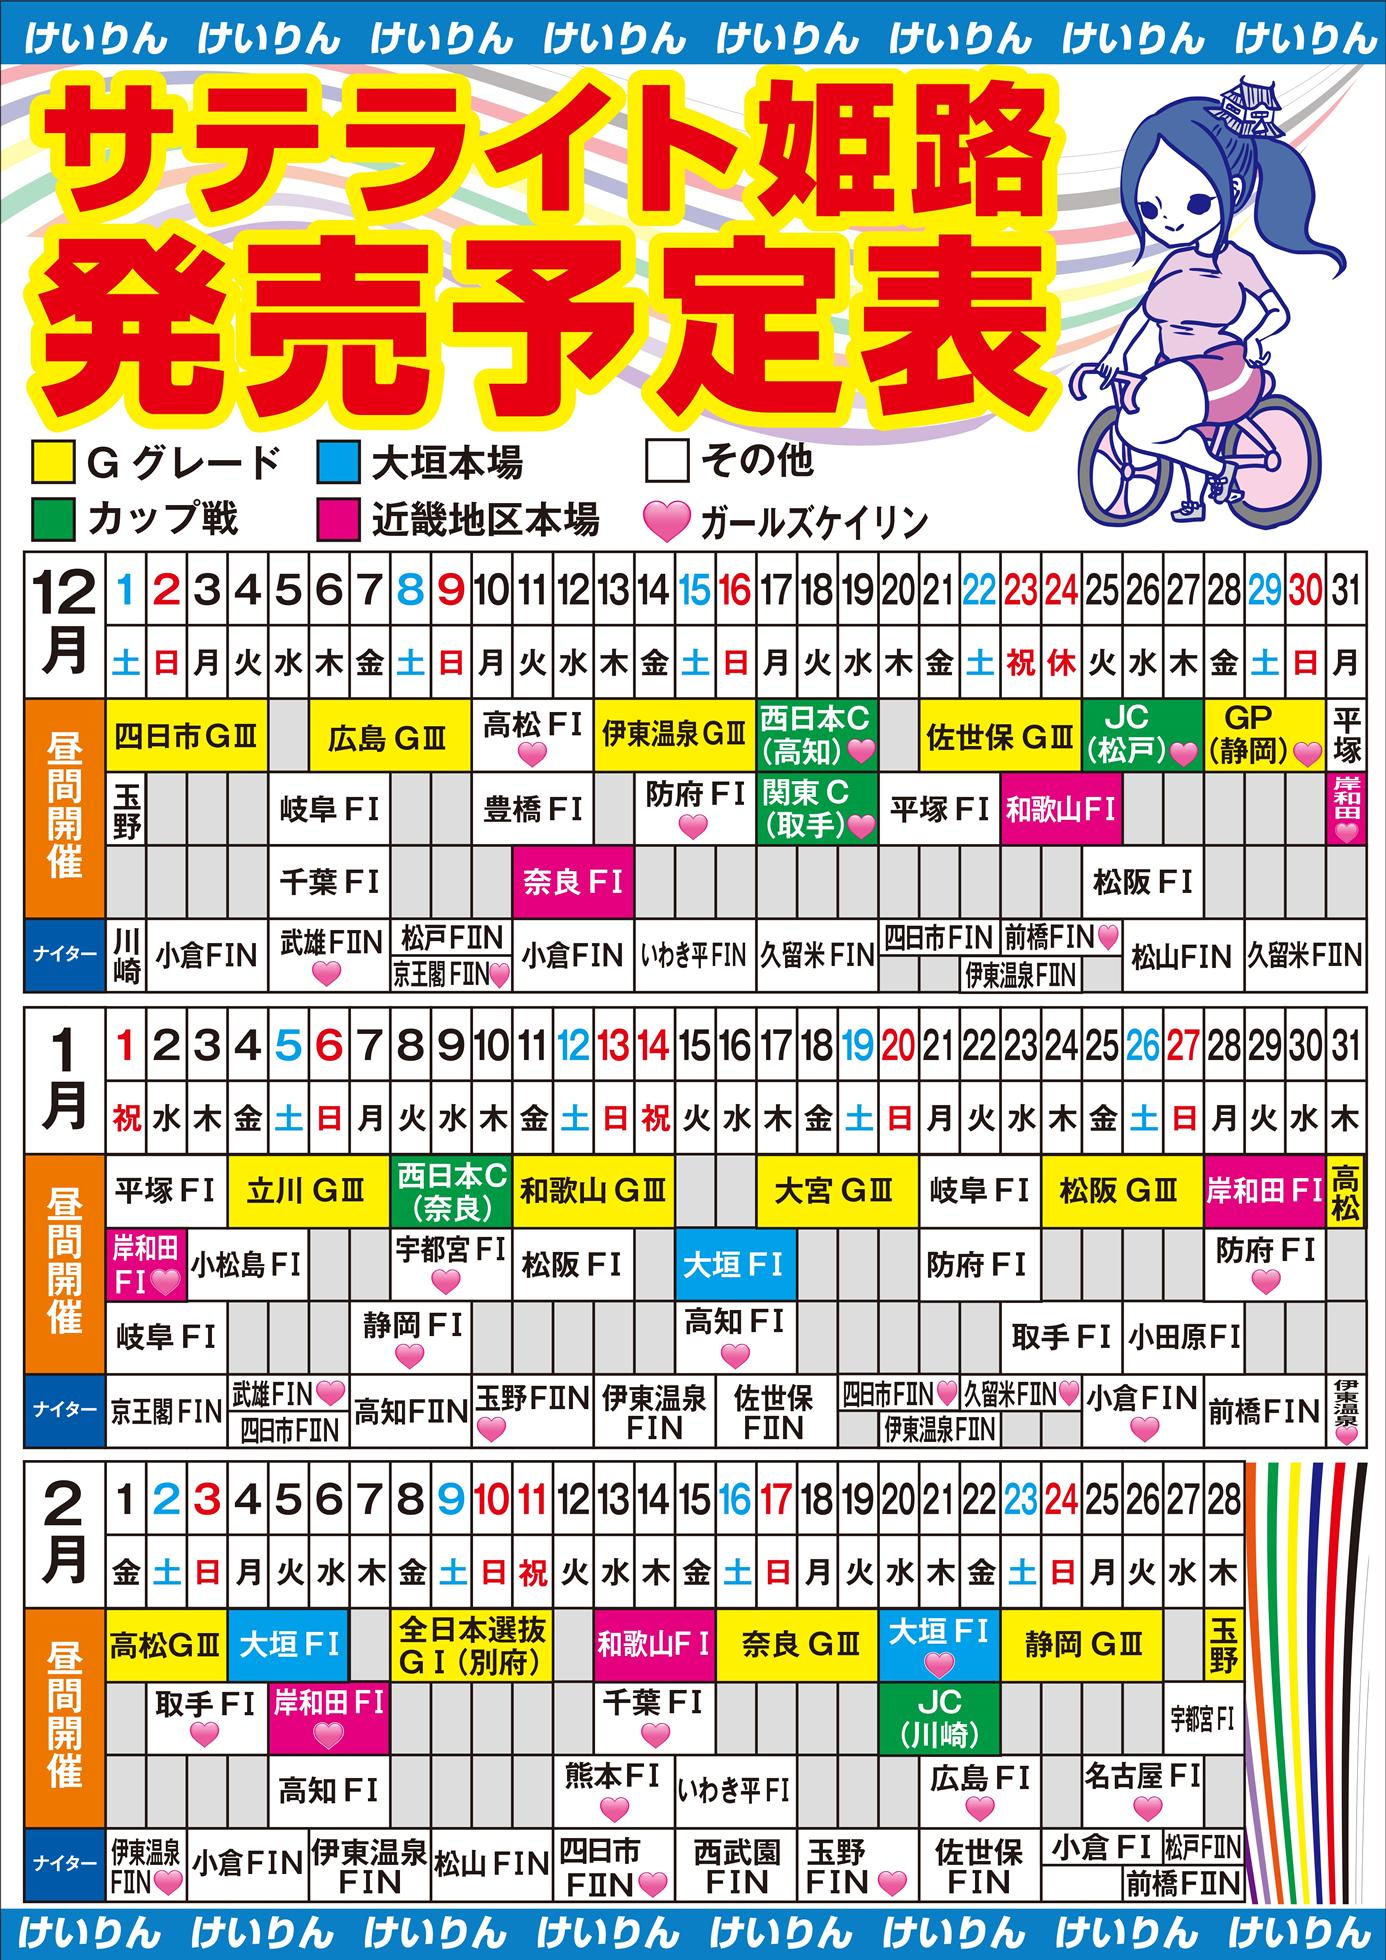 ○サテライト姫路_発売予定表_12月~2月